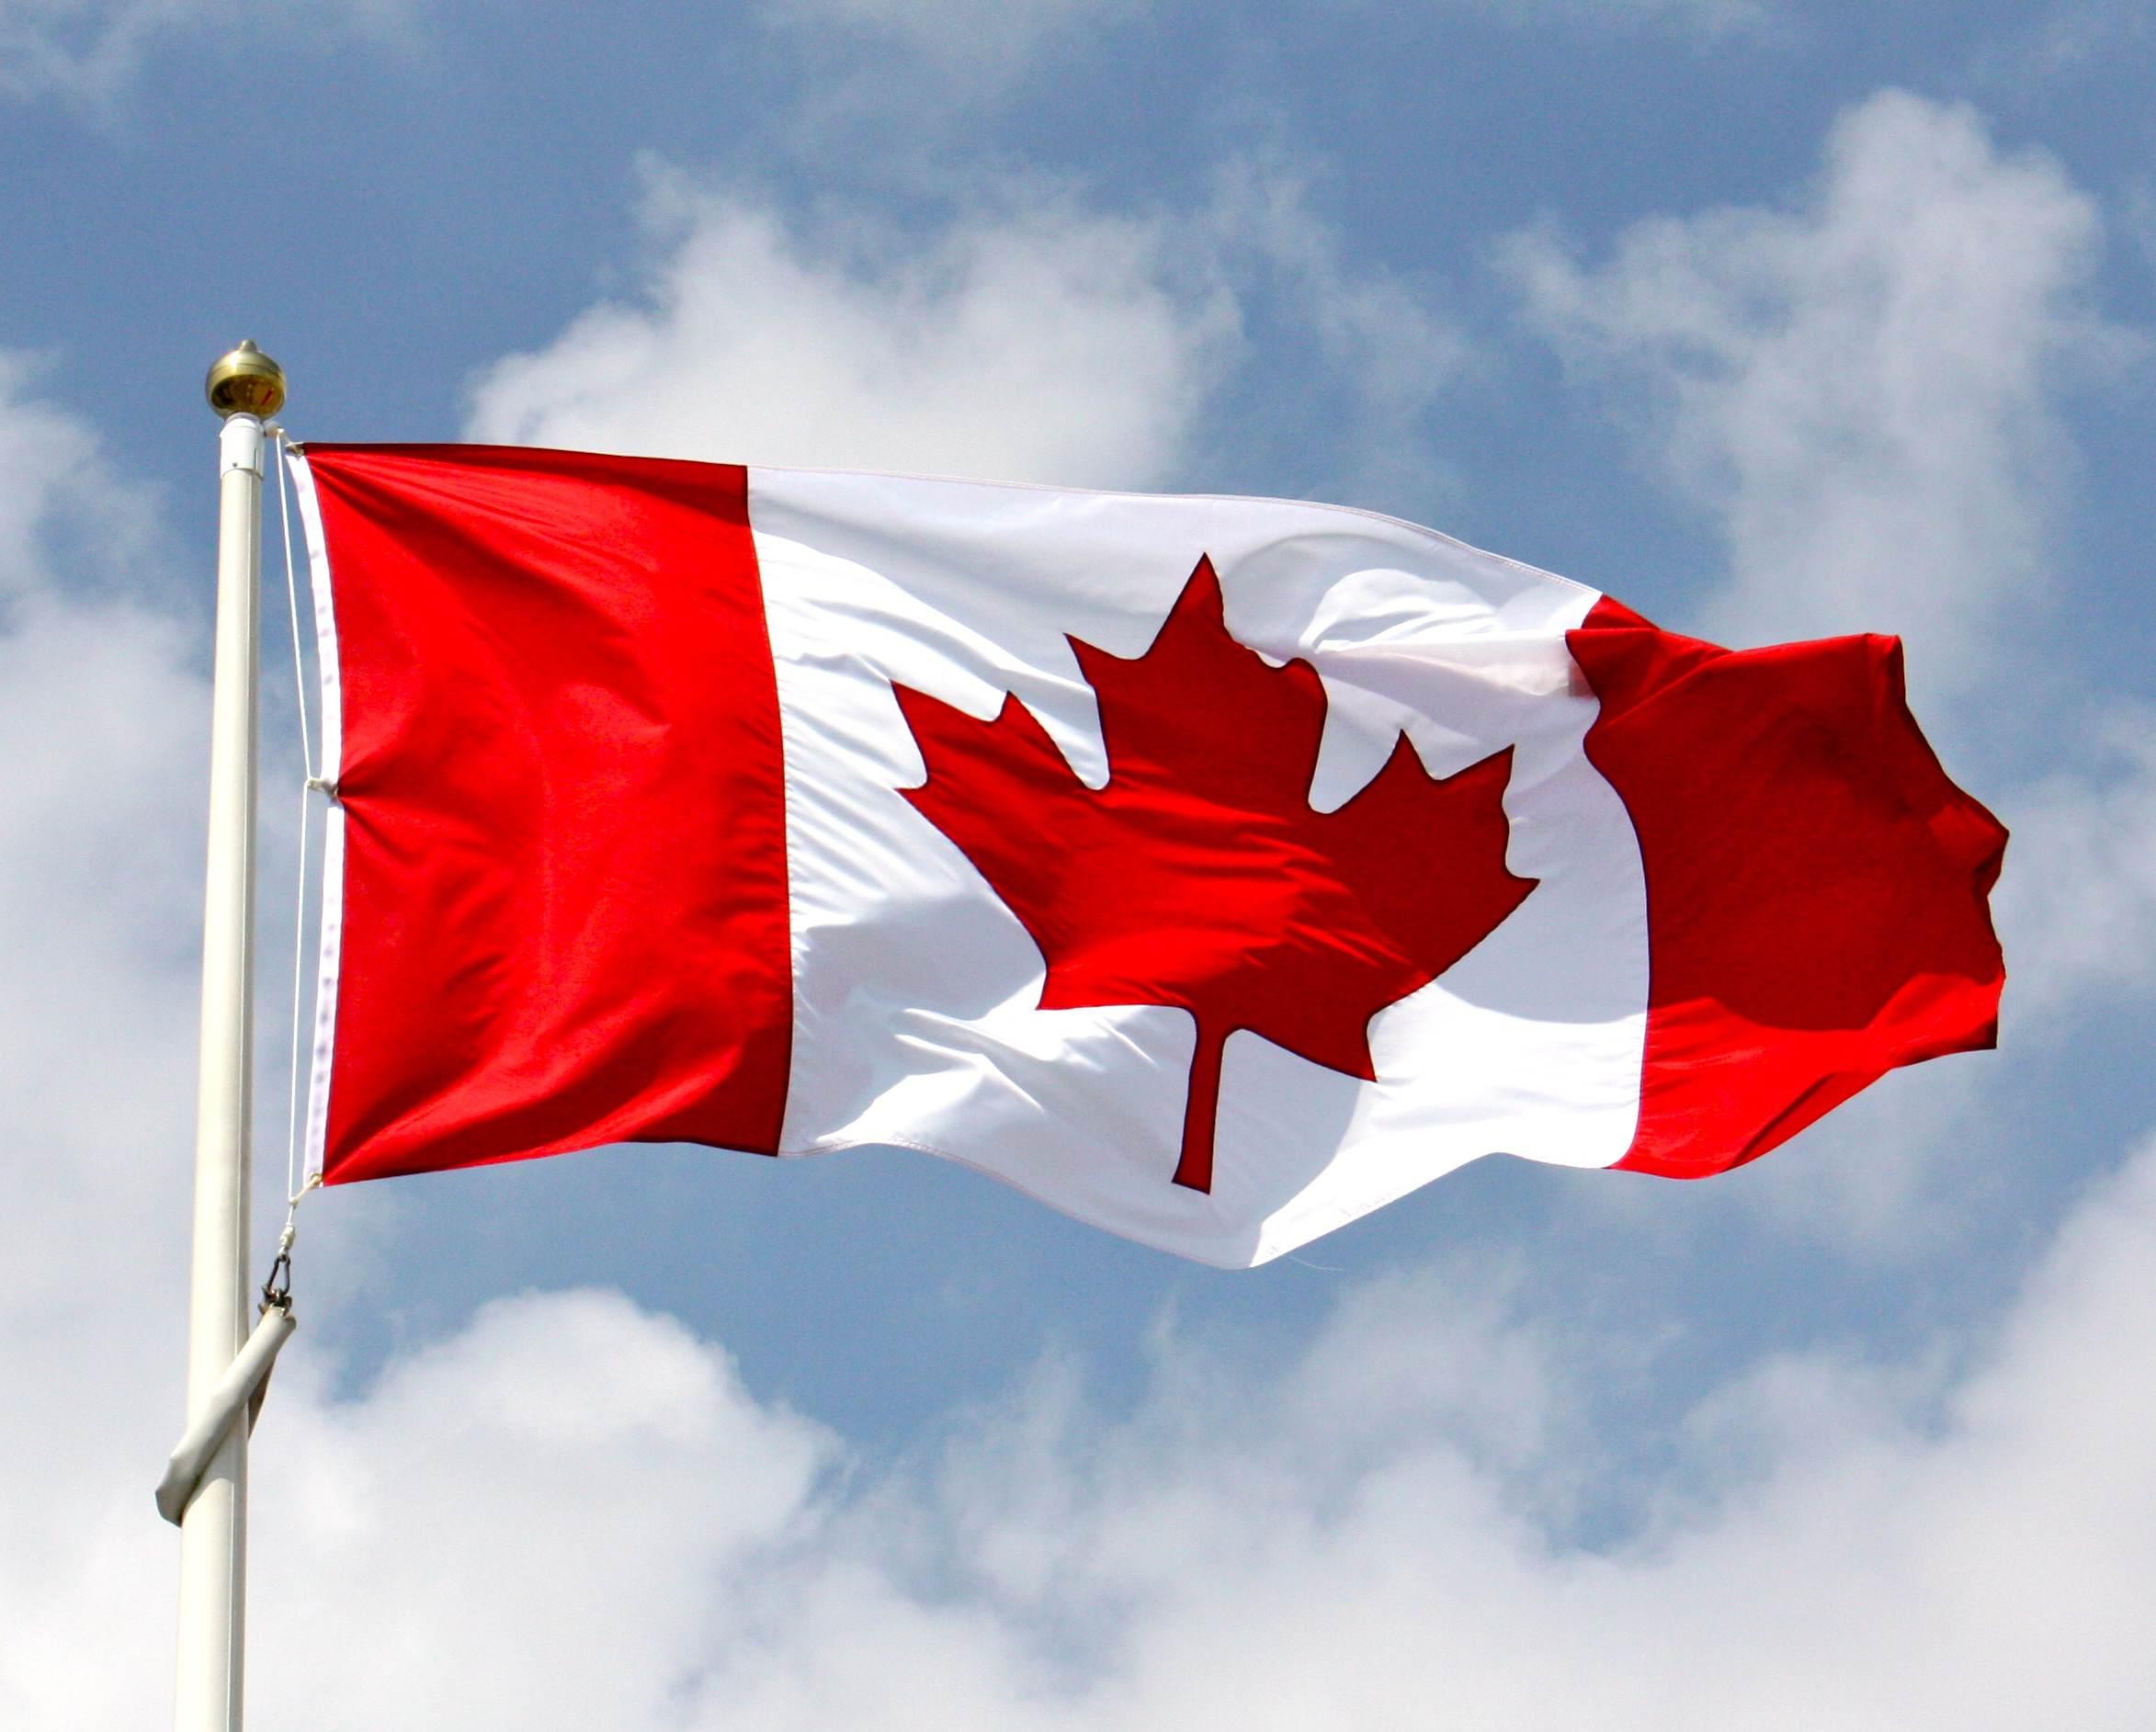 Reguladores de valores canadienses proponen nuevas reglas para el comercio de activos criptográficos